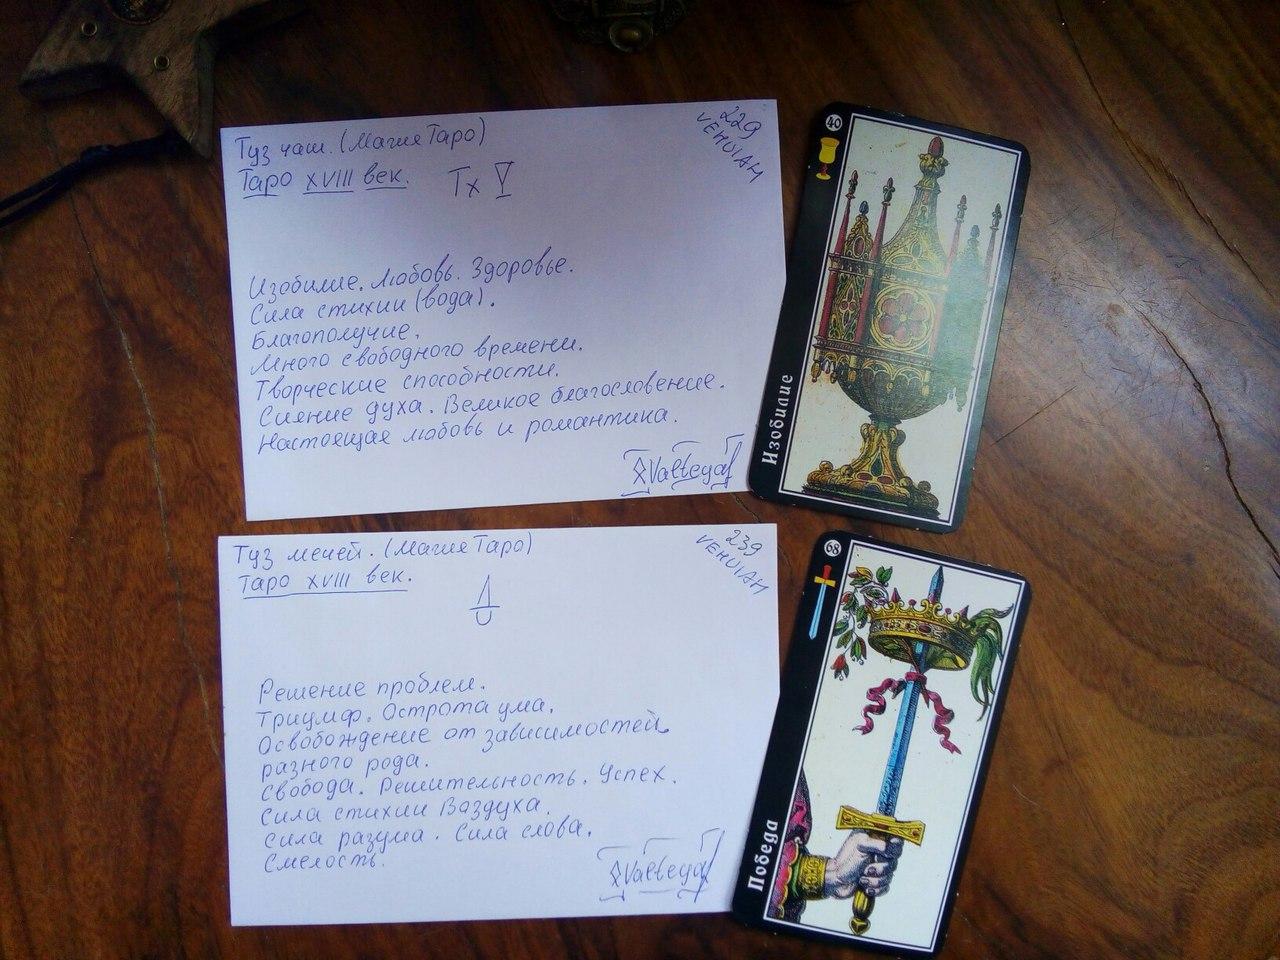 Рунограмма - Конверты с магическими программами от Елены Руденко. Ставы, символы, руническая магия.  - Страница 6 CjF8OkbTkEA